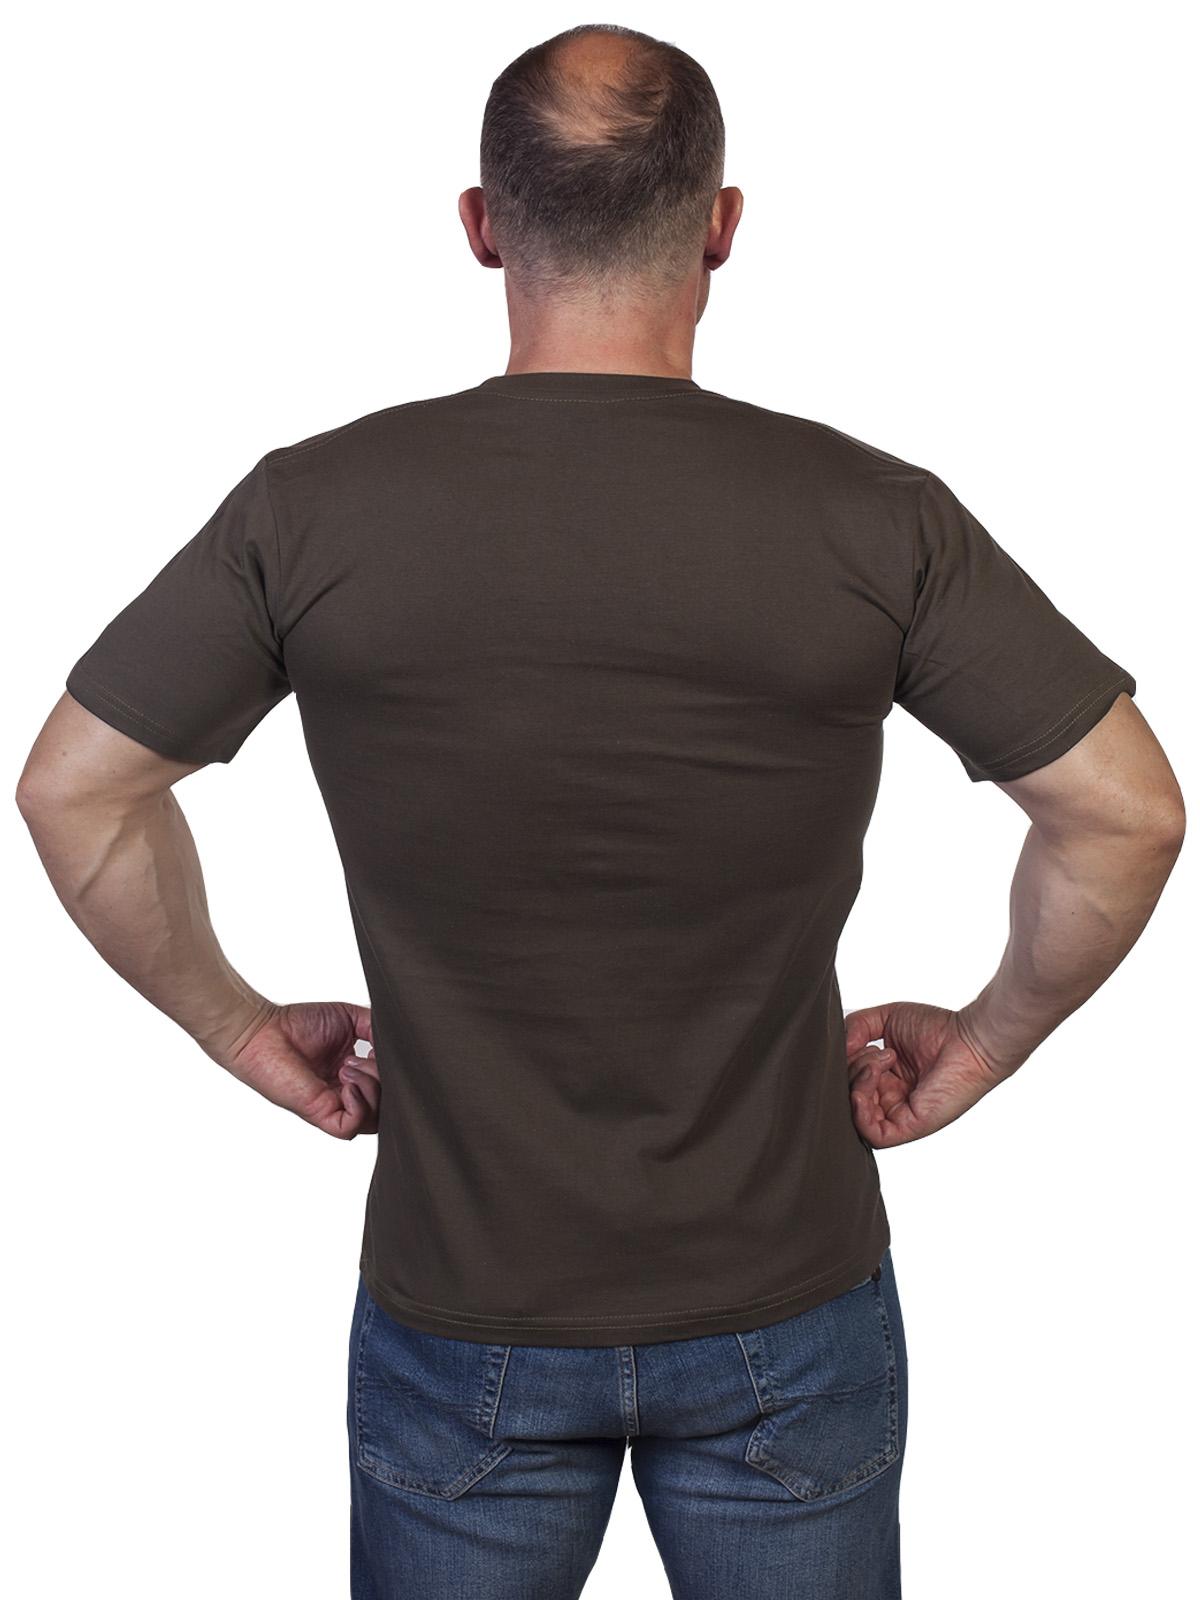 Мужская армейская футболка оливковая - заказать выгодно